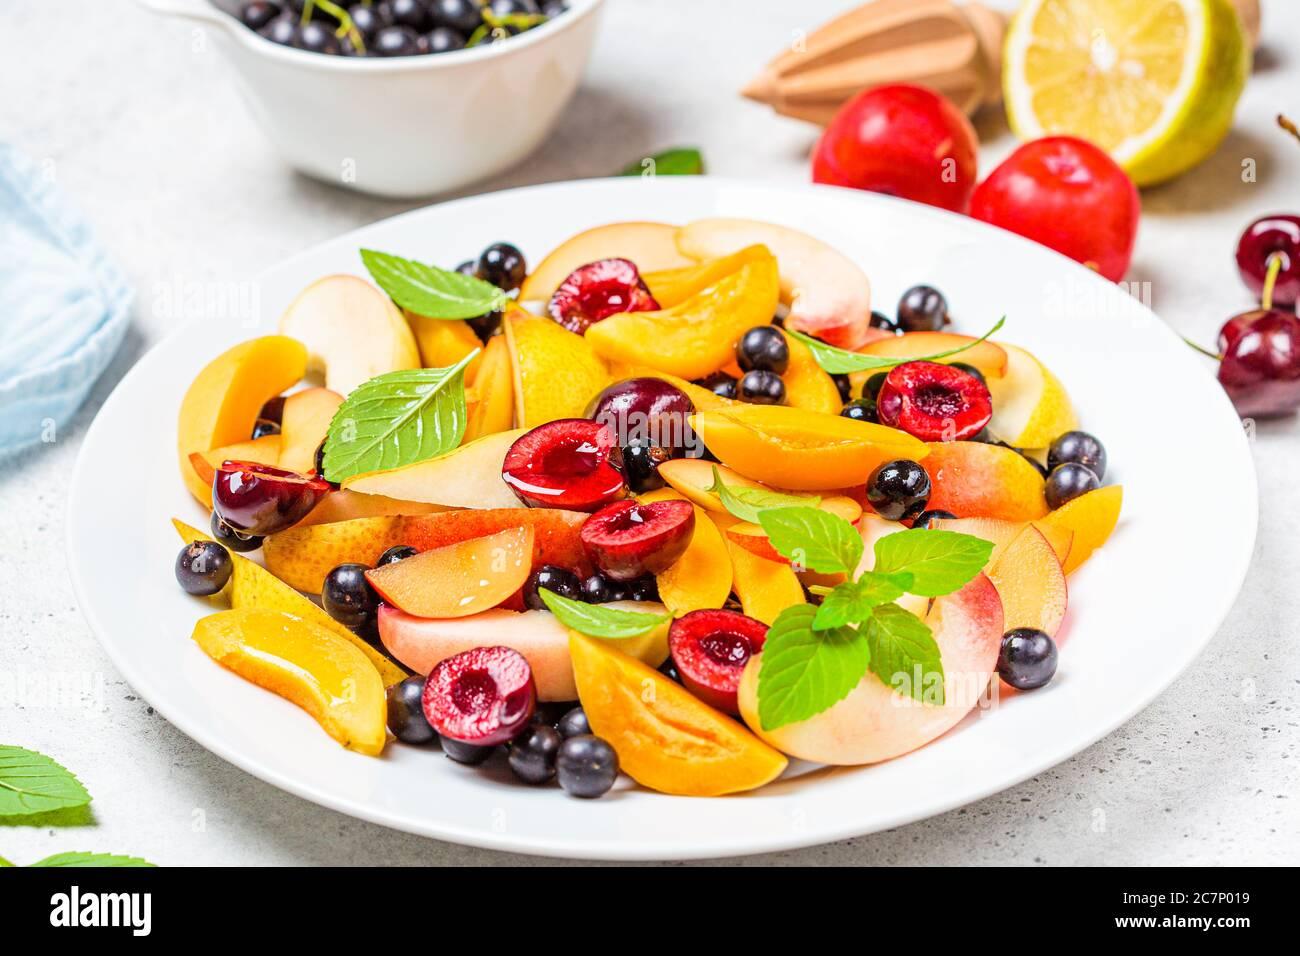 Ensalada de frutas con bayas en un plato blanco, fondo blanco. Concepto de comida vegetariana saludable. Foto de stock